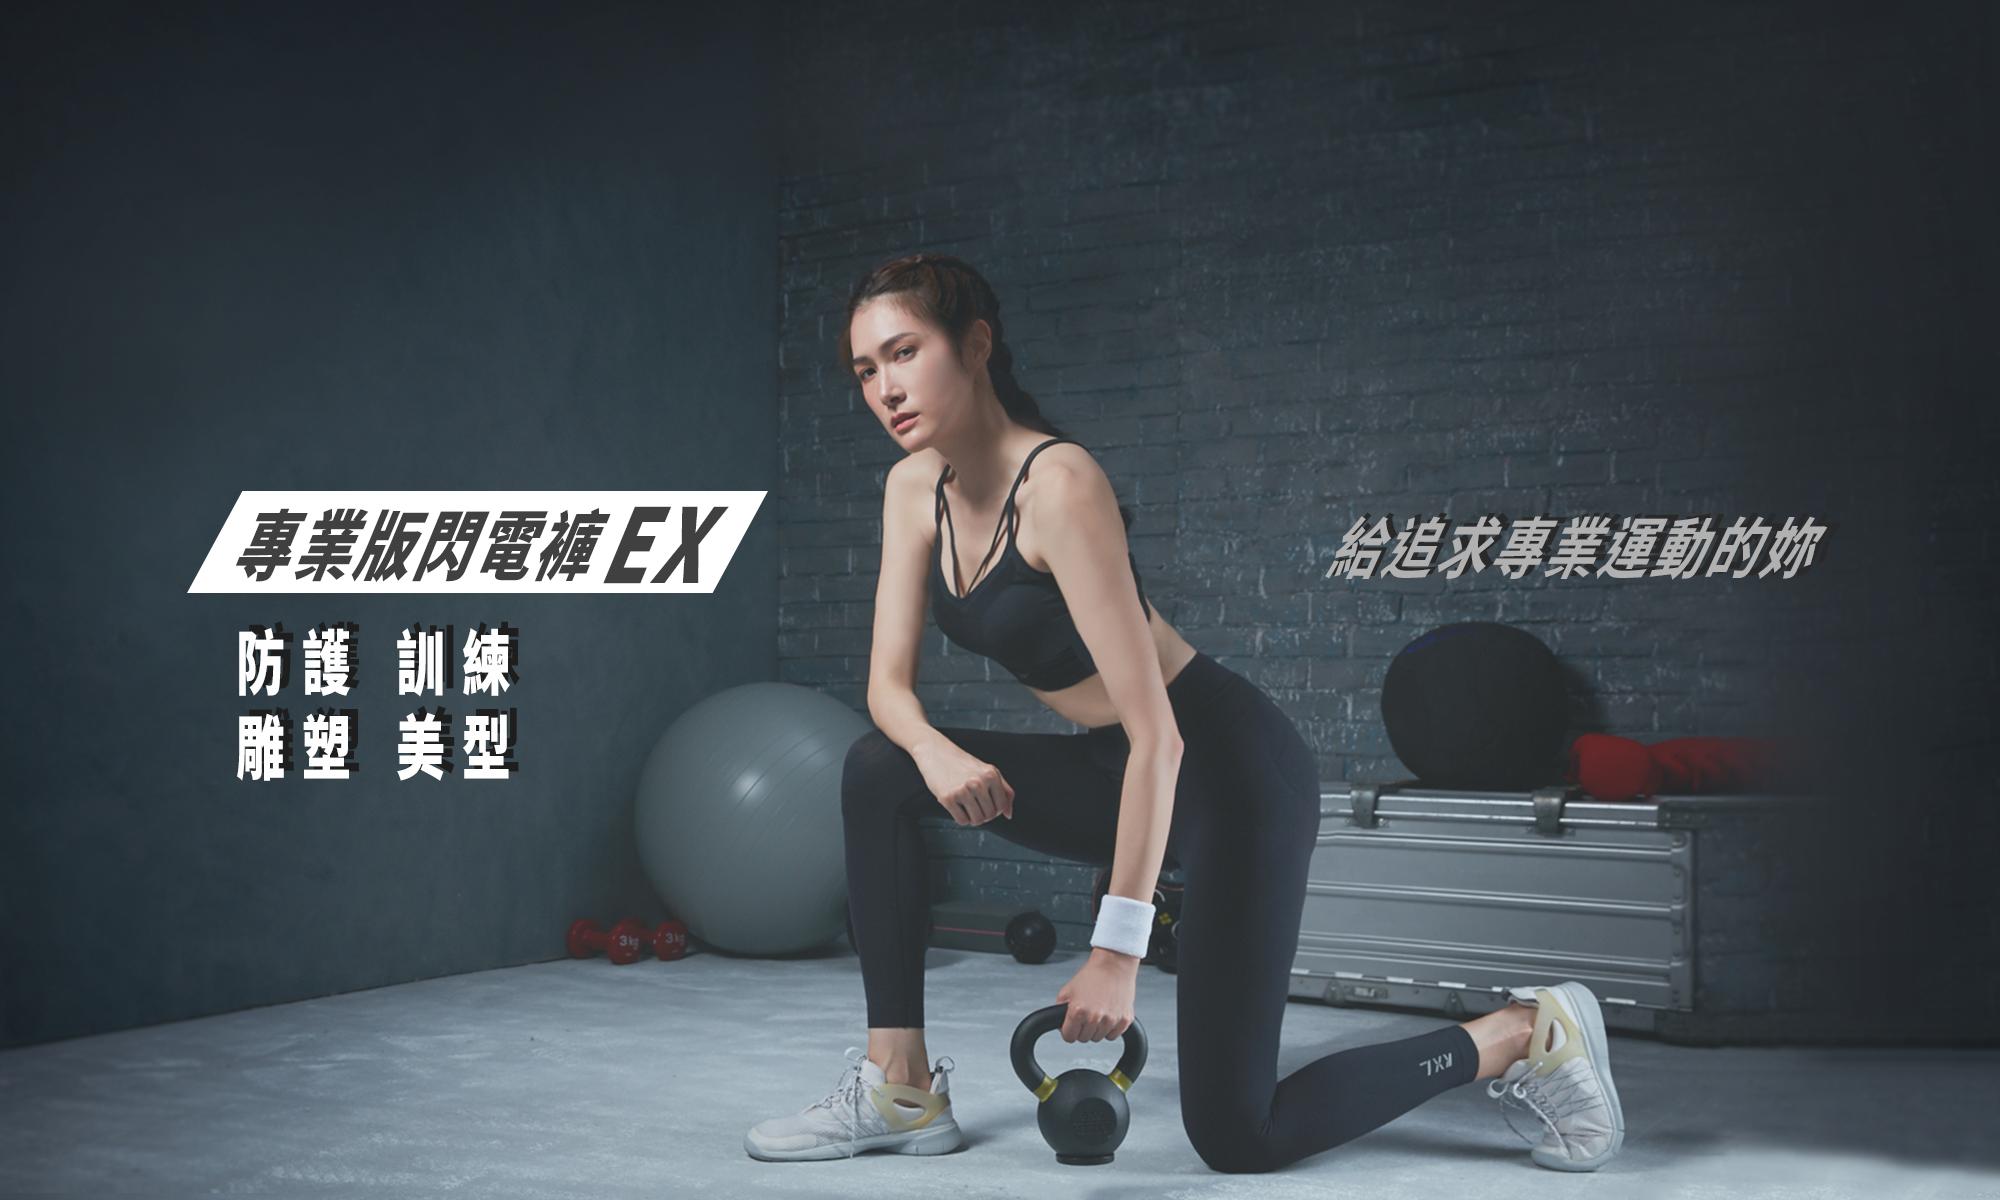 專業版閃電褲EX|TWKXL科技膠囊保養服飾